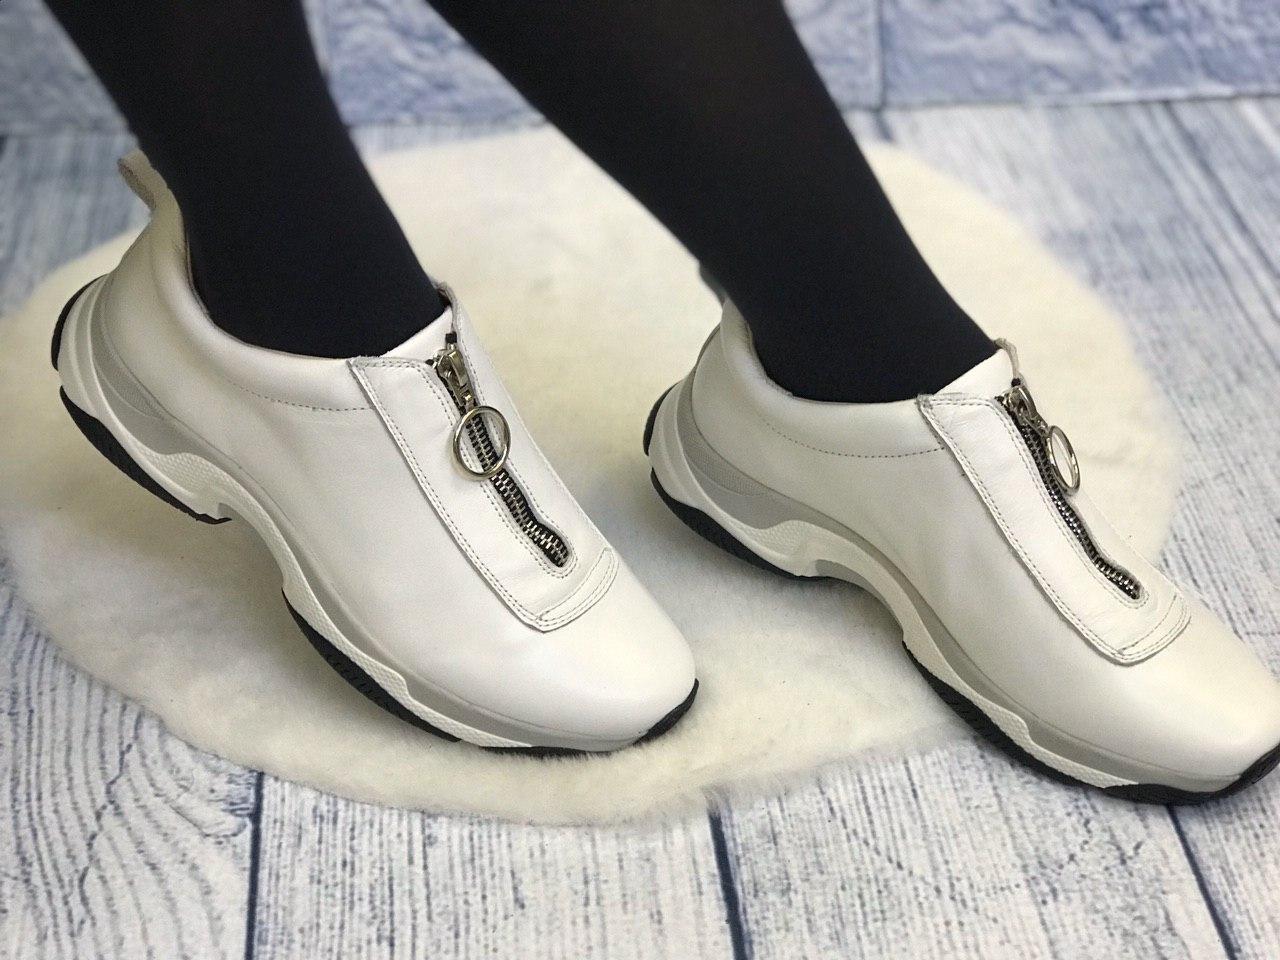 Белые кожаные кроссовки без шнурков на молнии женские весна лето осень кожа или замш размеры 36-41